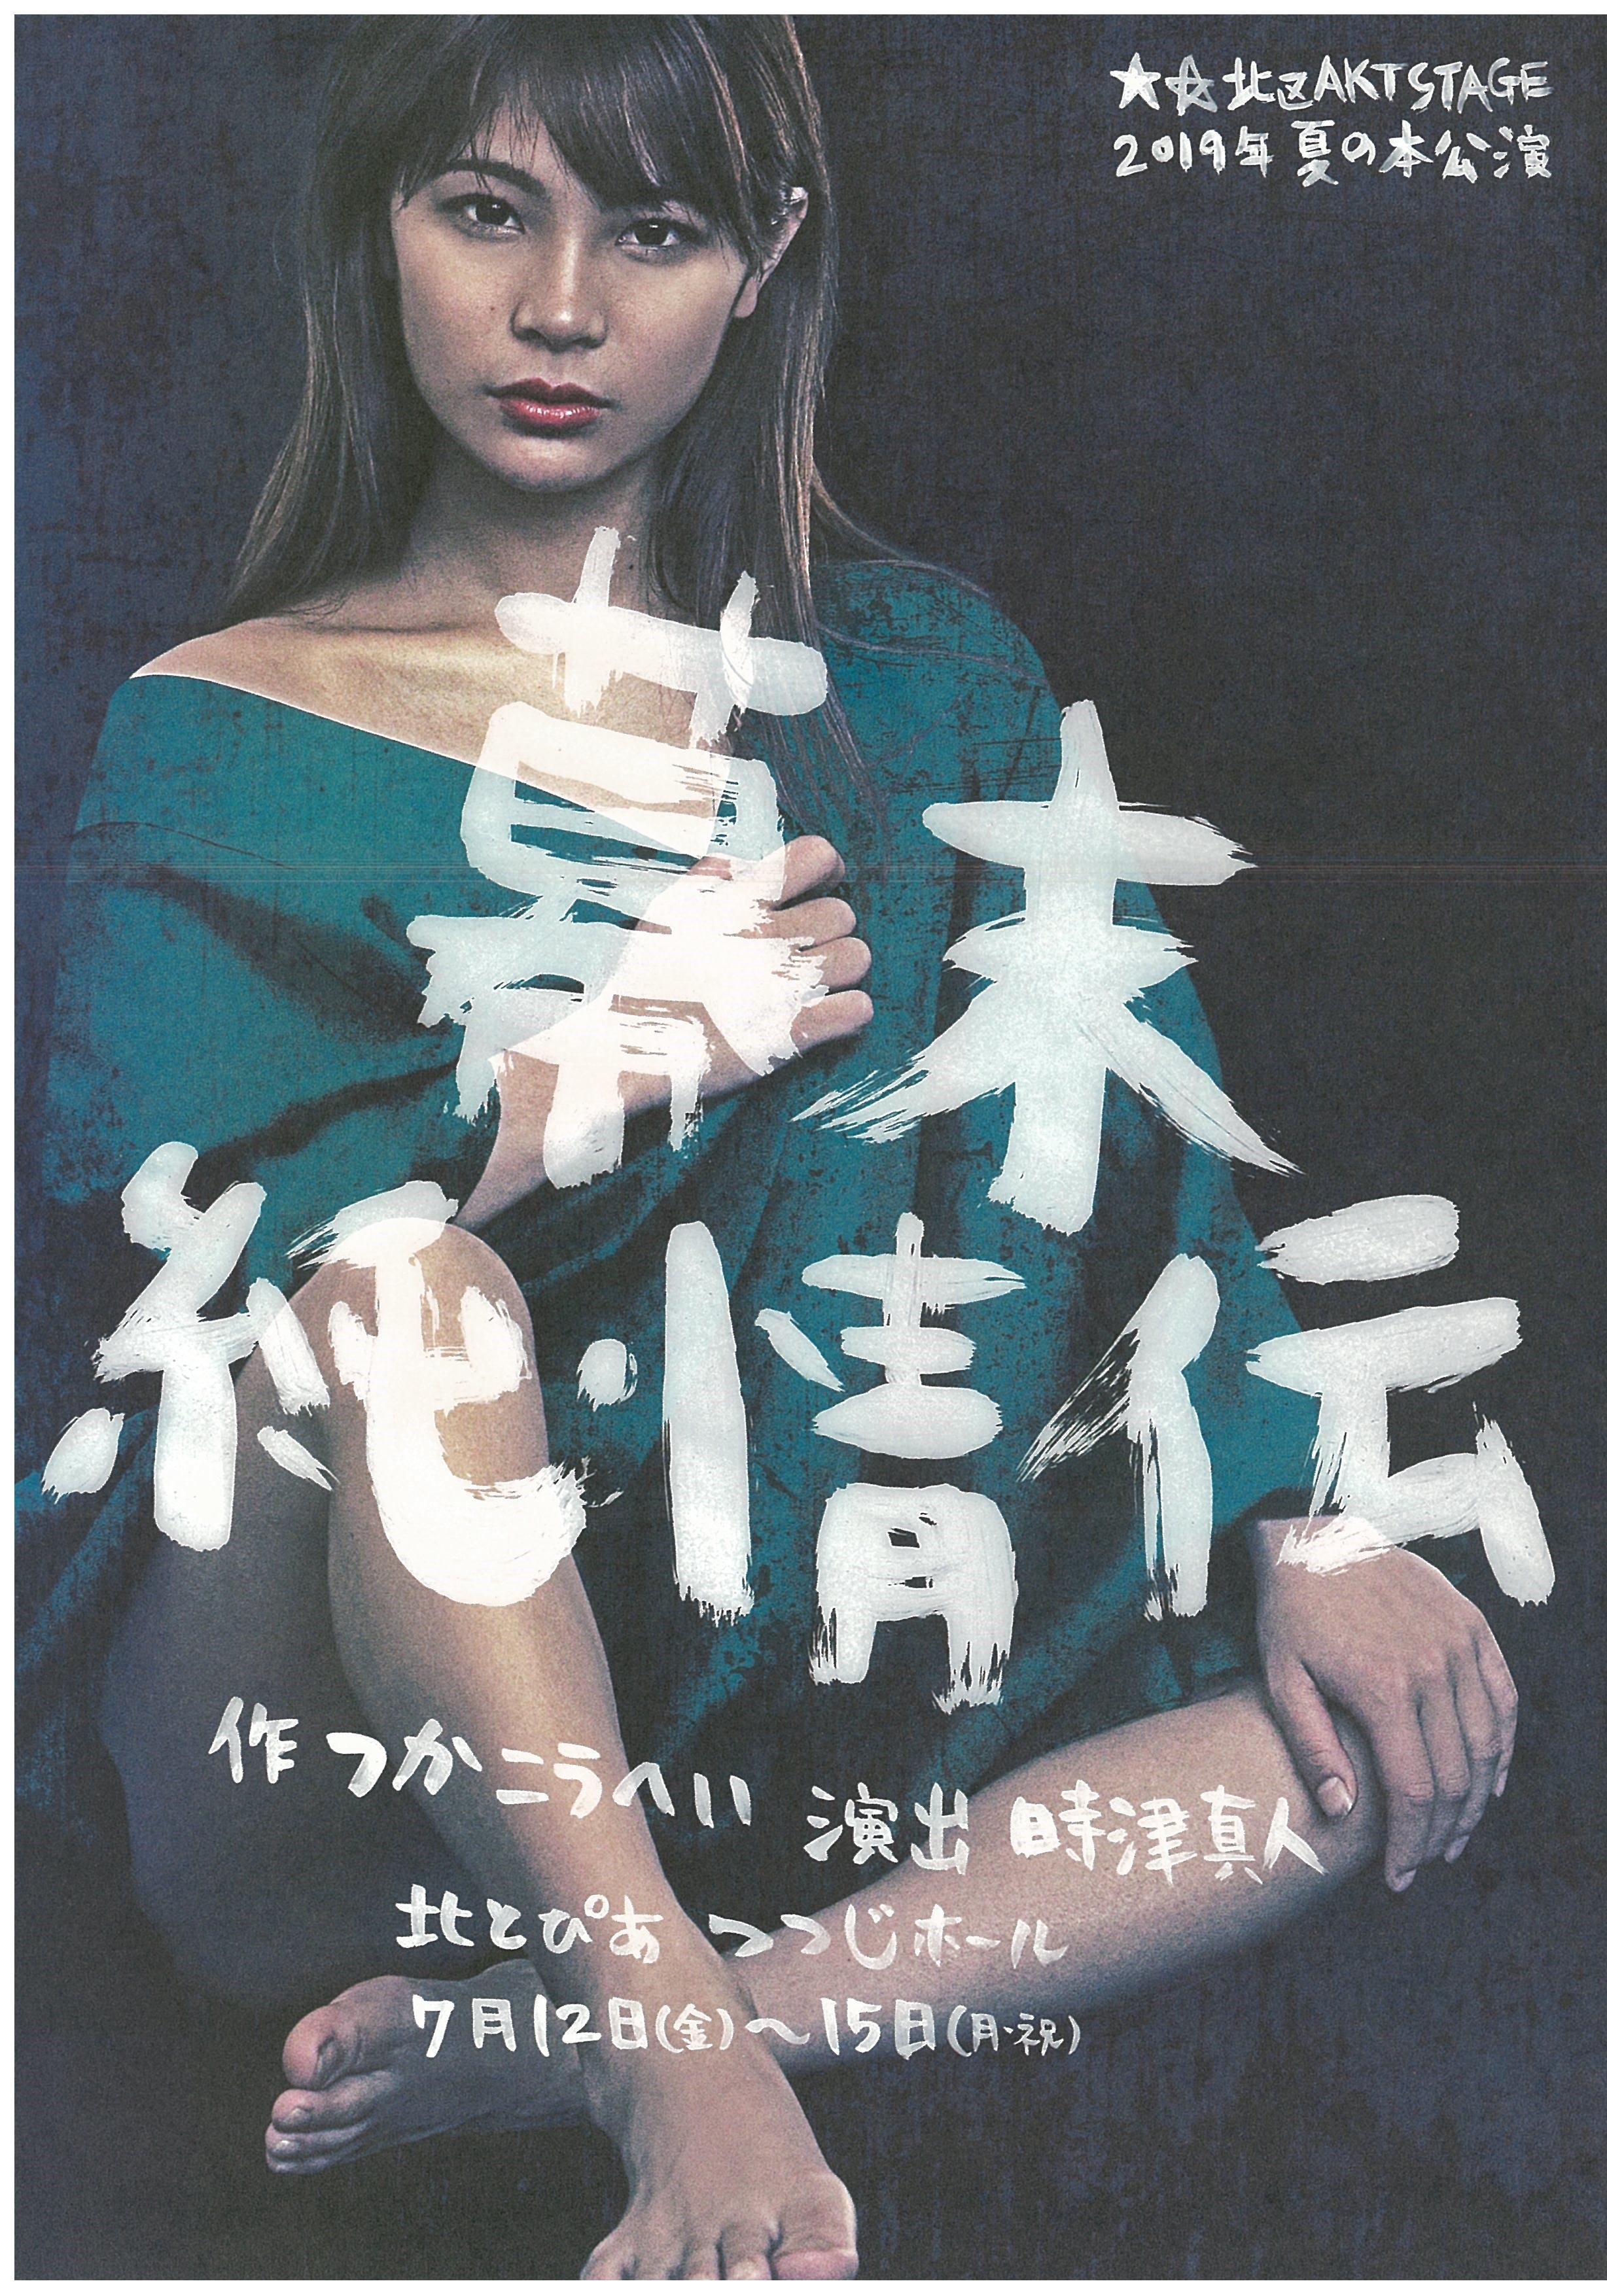 ★☆北区AKT STAGE 2019年夏の本公演『幕末純情伝』の画像